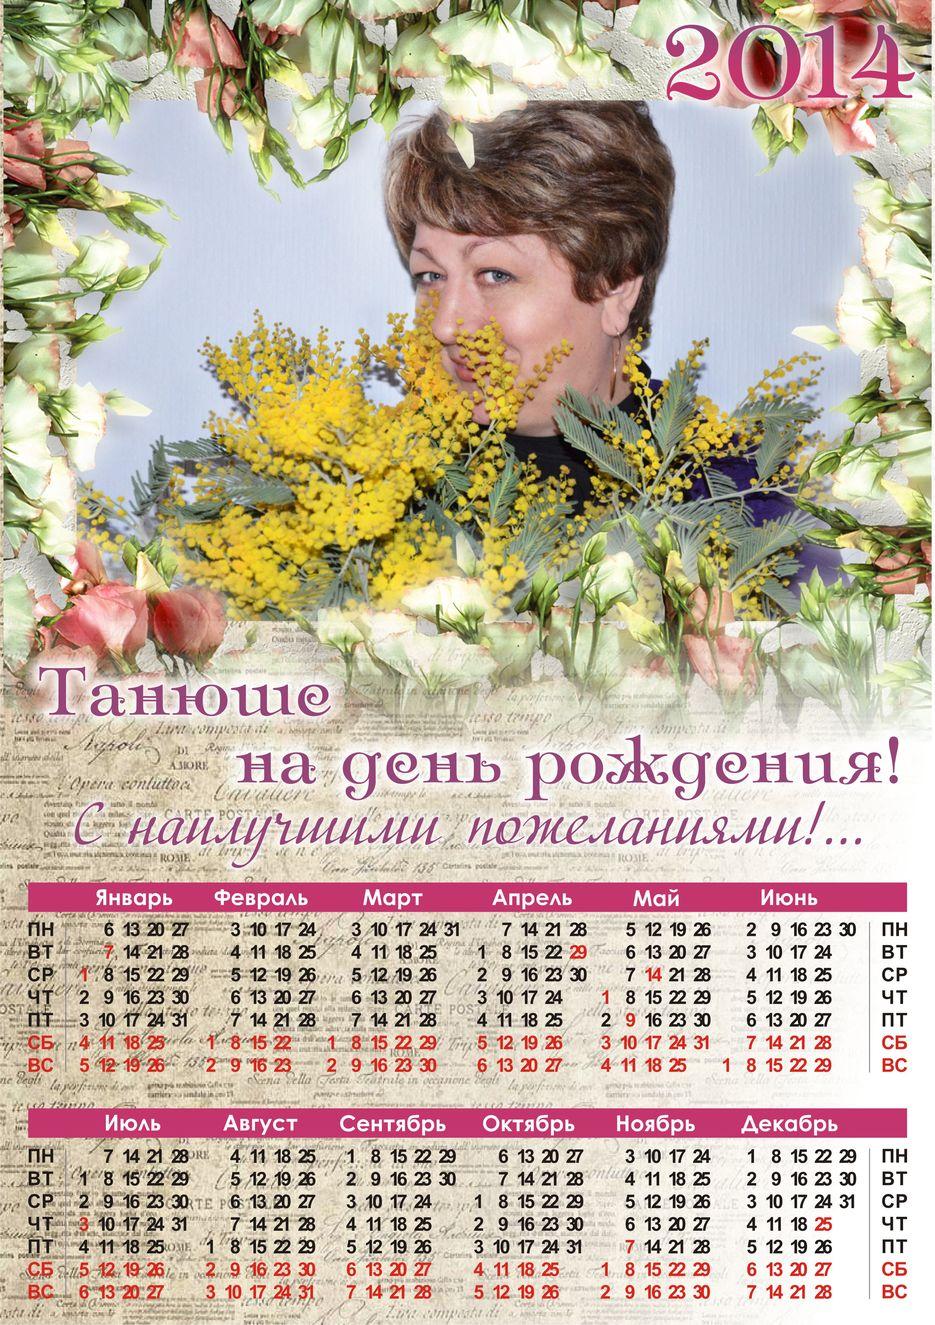 Оригинальные календарь поздравлений